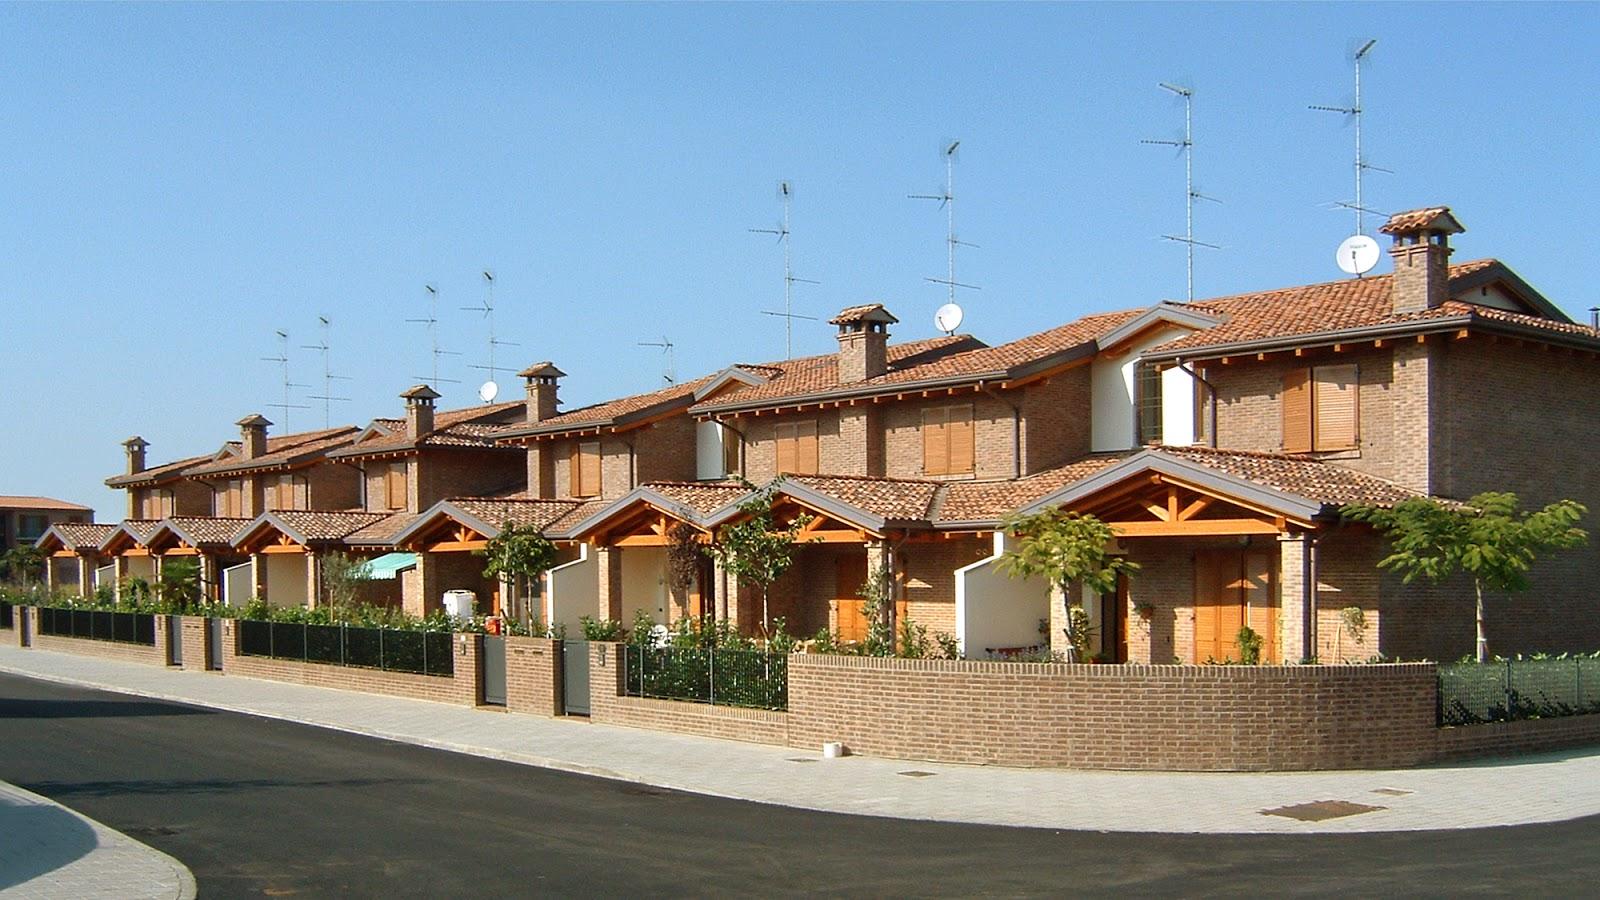 Edilizia popolare 167 lotti in vendita in localit su - Vendita casa popolare dopo riscatto ...